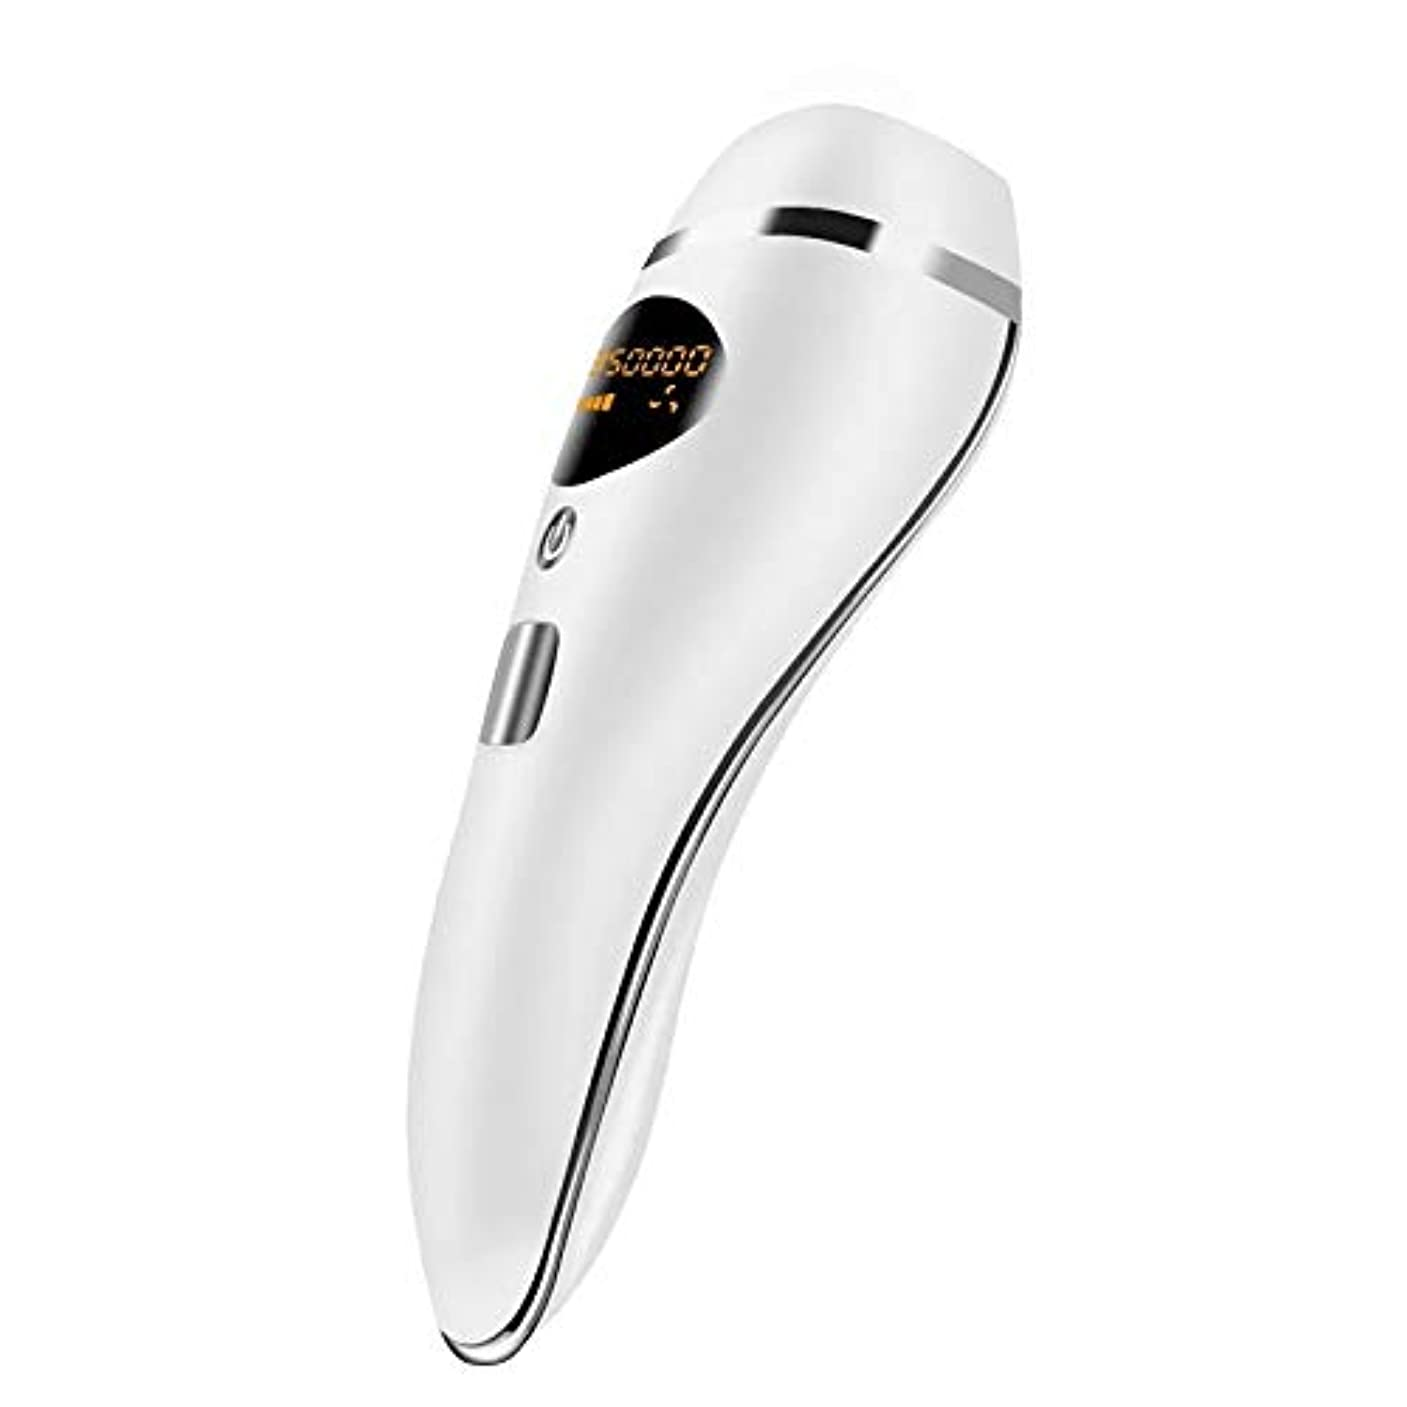 リーチ最少風邪をひくレーザー脱毛美容機器無痛永久IPL凍結ポイントデバイス、全身フェイシャルユニセックス機器に適して,White